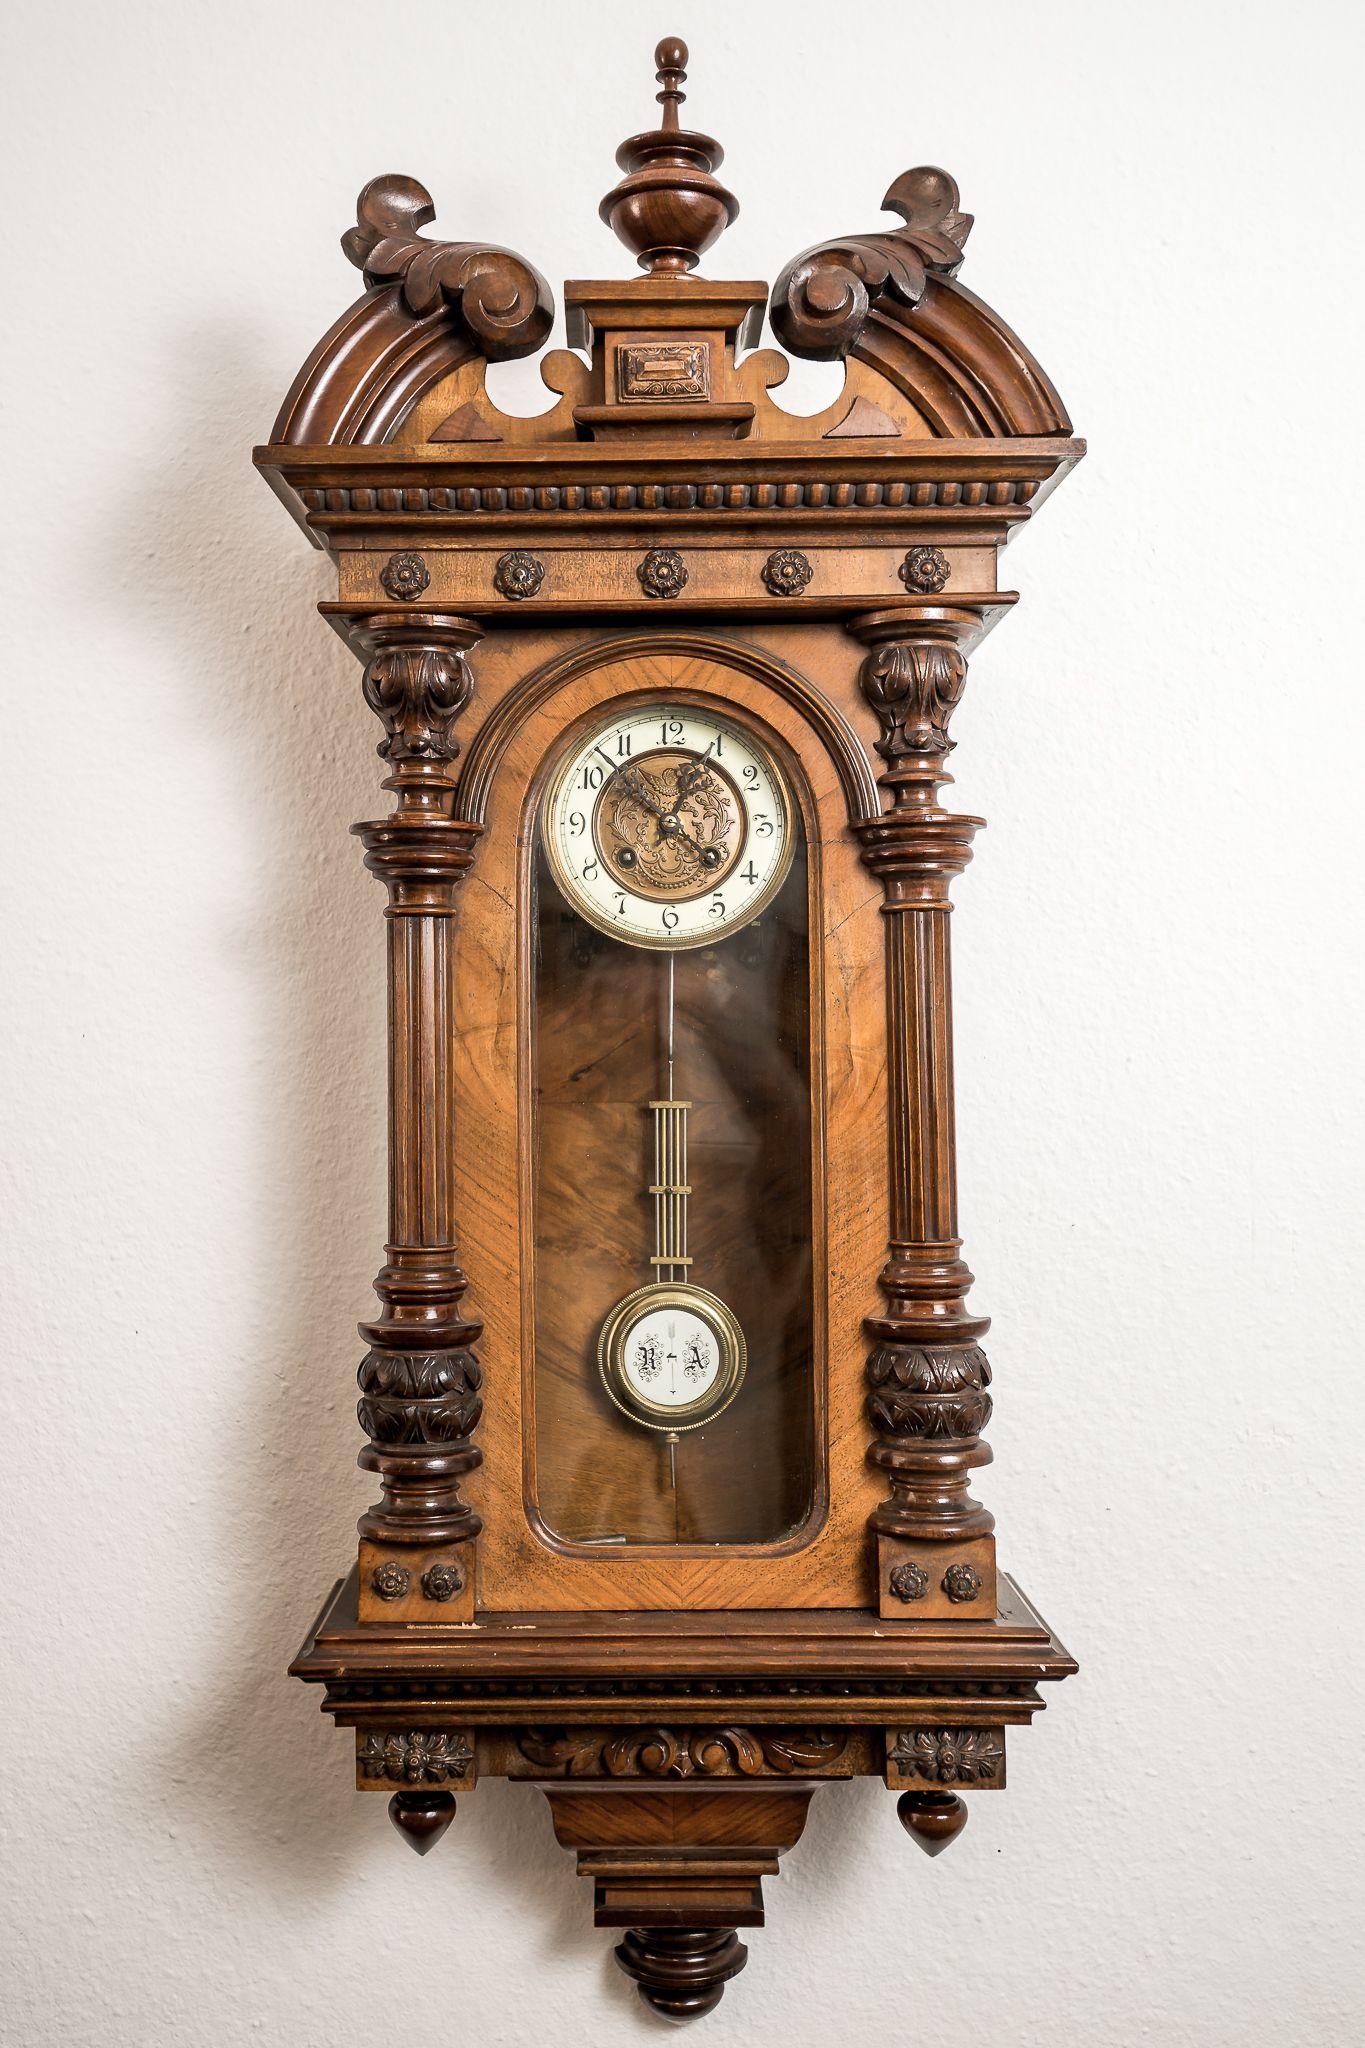 Uhren Stilvolle Gründerzeit Antiquitäten Vintage Wall Clock Vintage Clock Antique Clocks